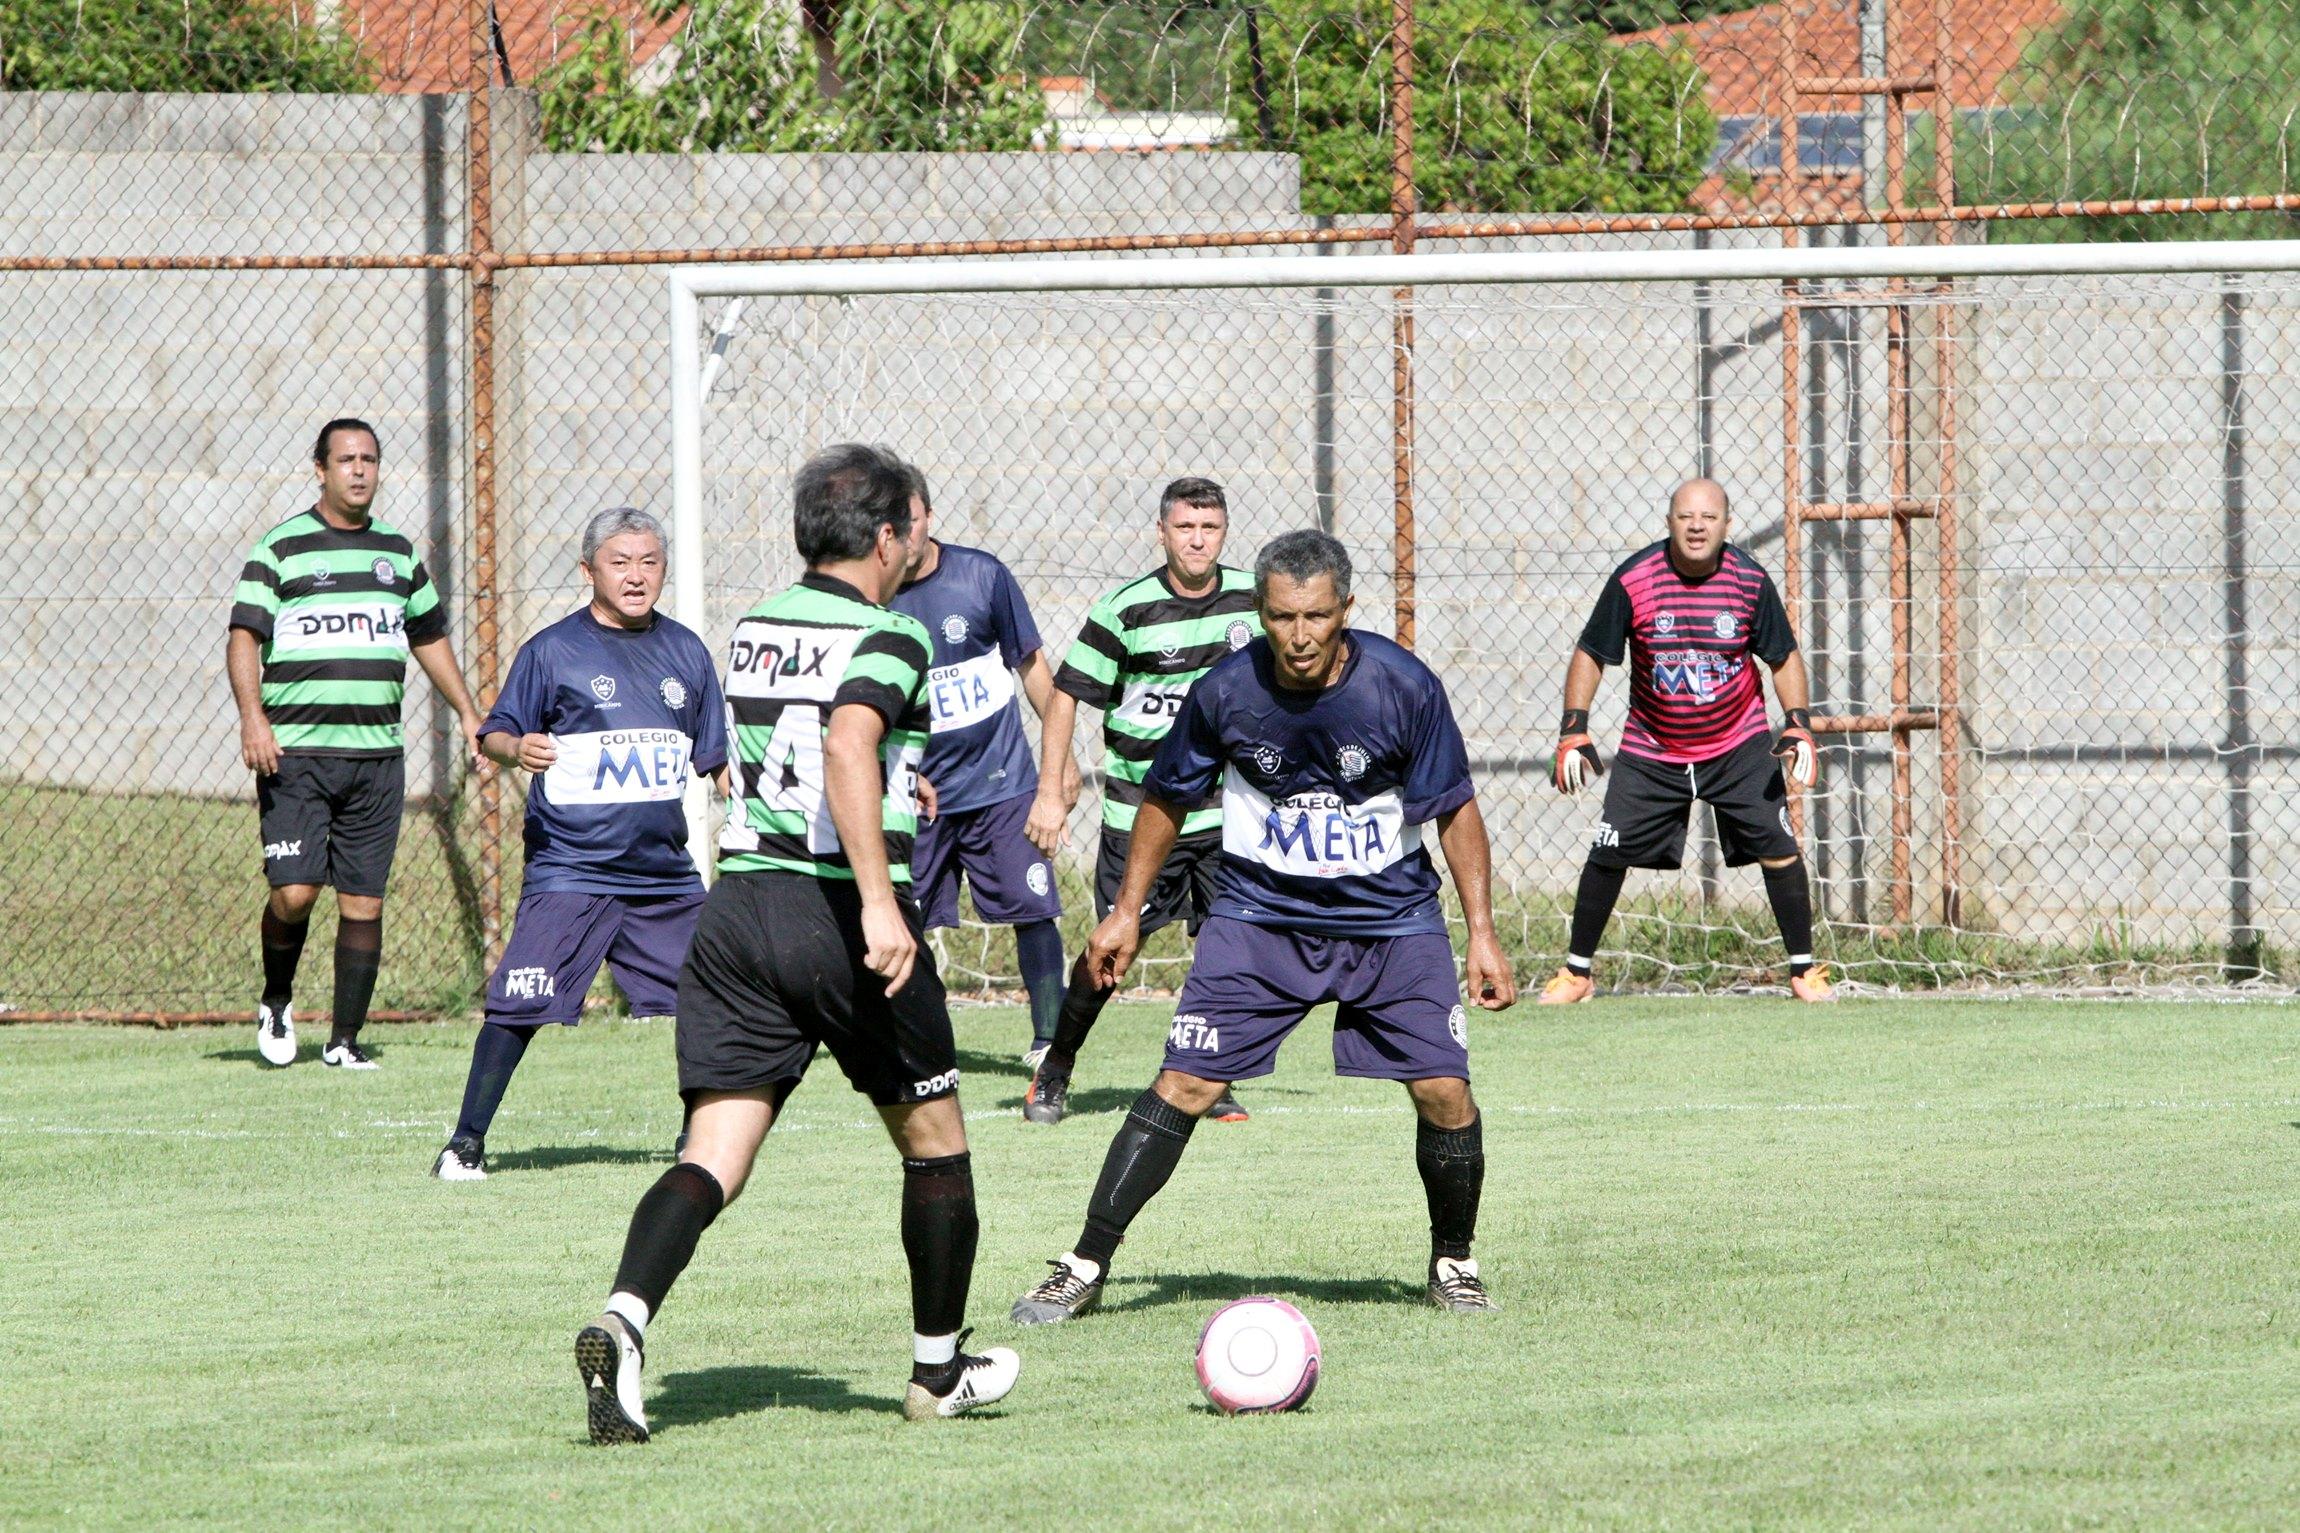 5b3a76cdff O Campeonato Maior Seguros do Clube 9 de Julho